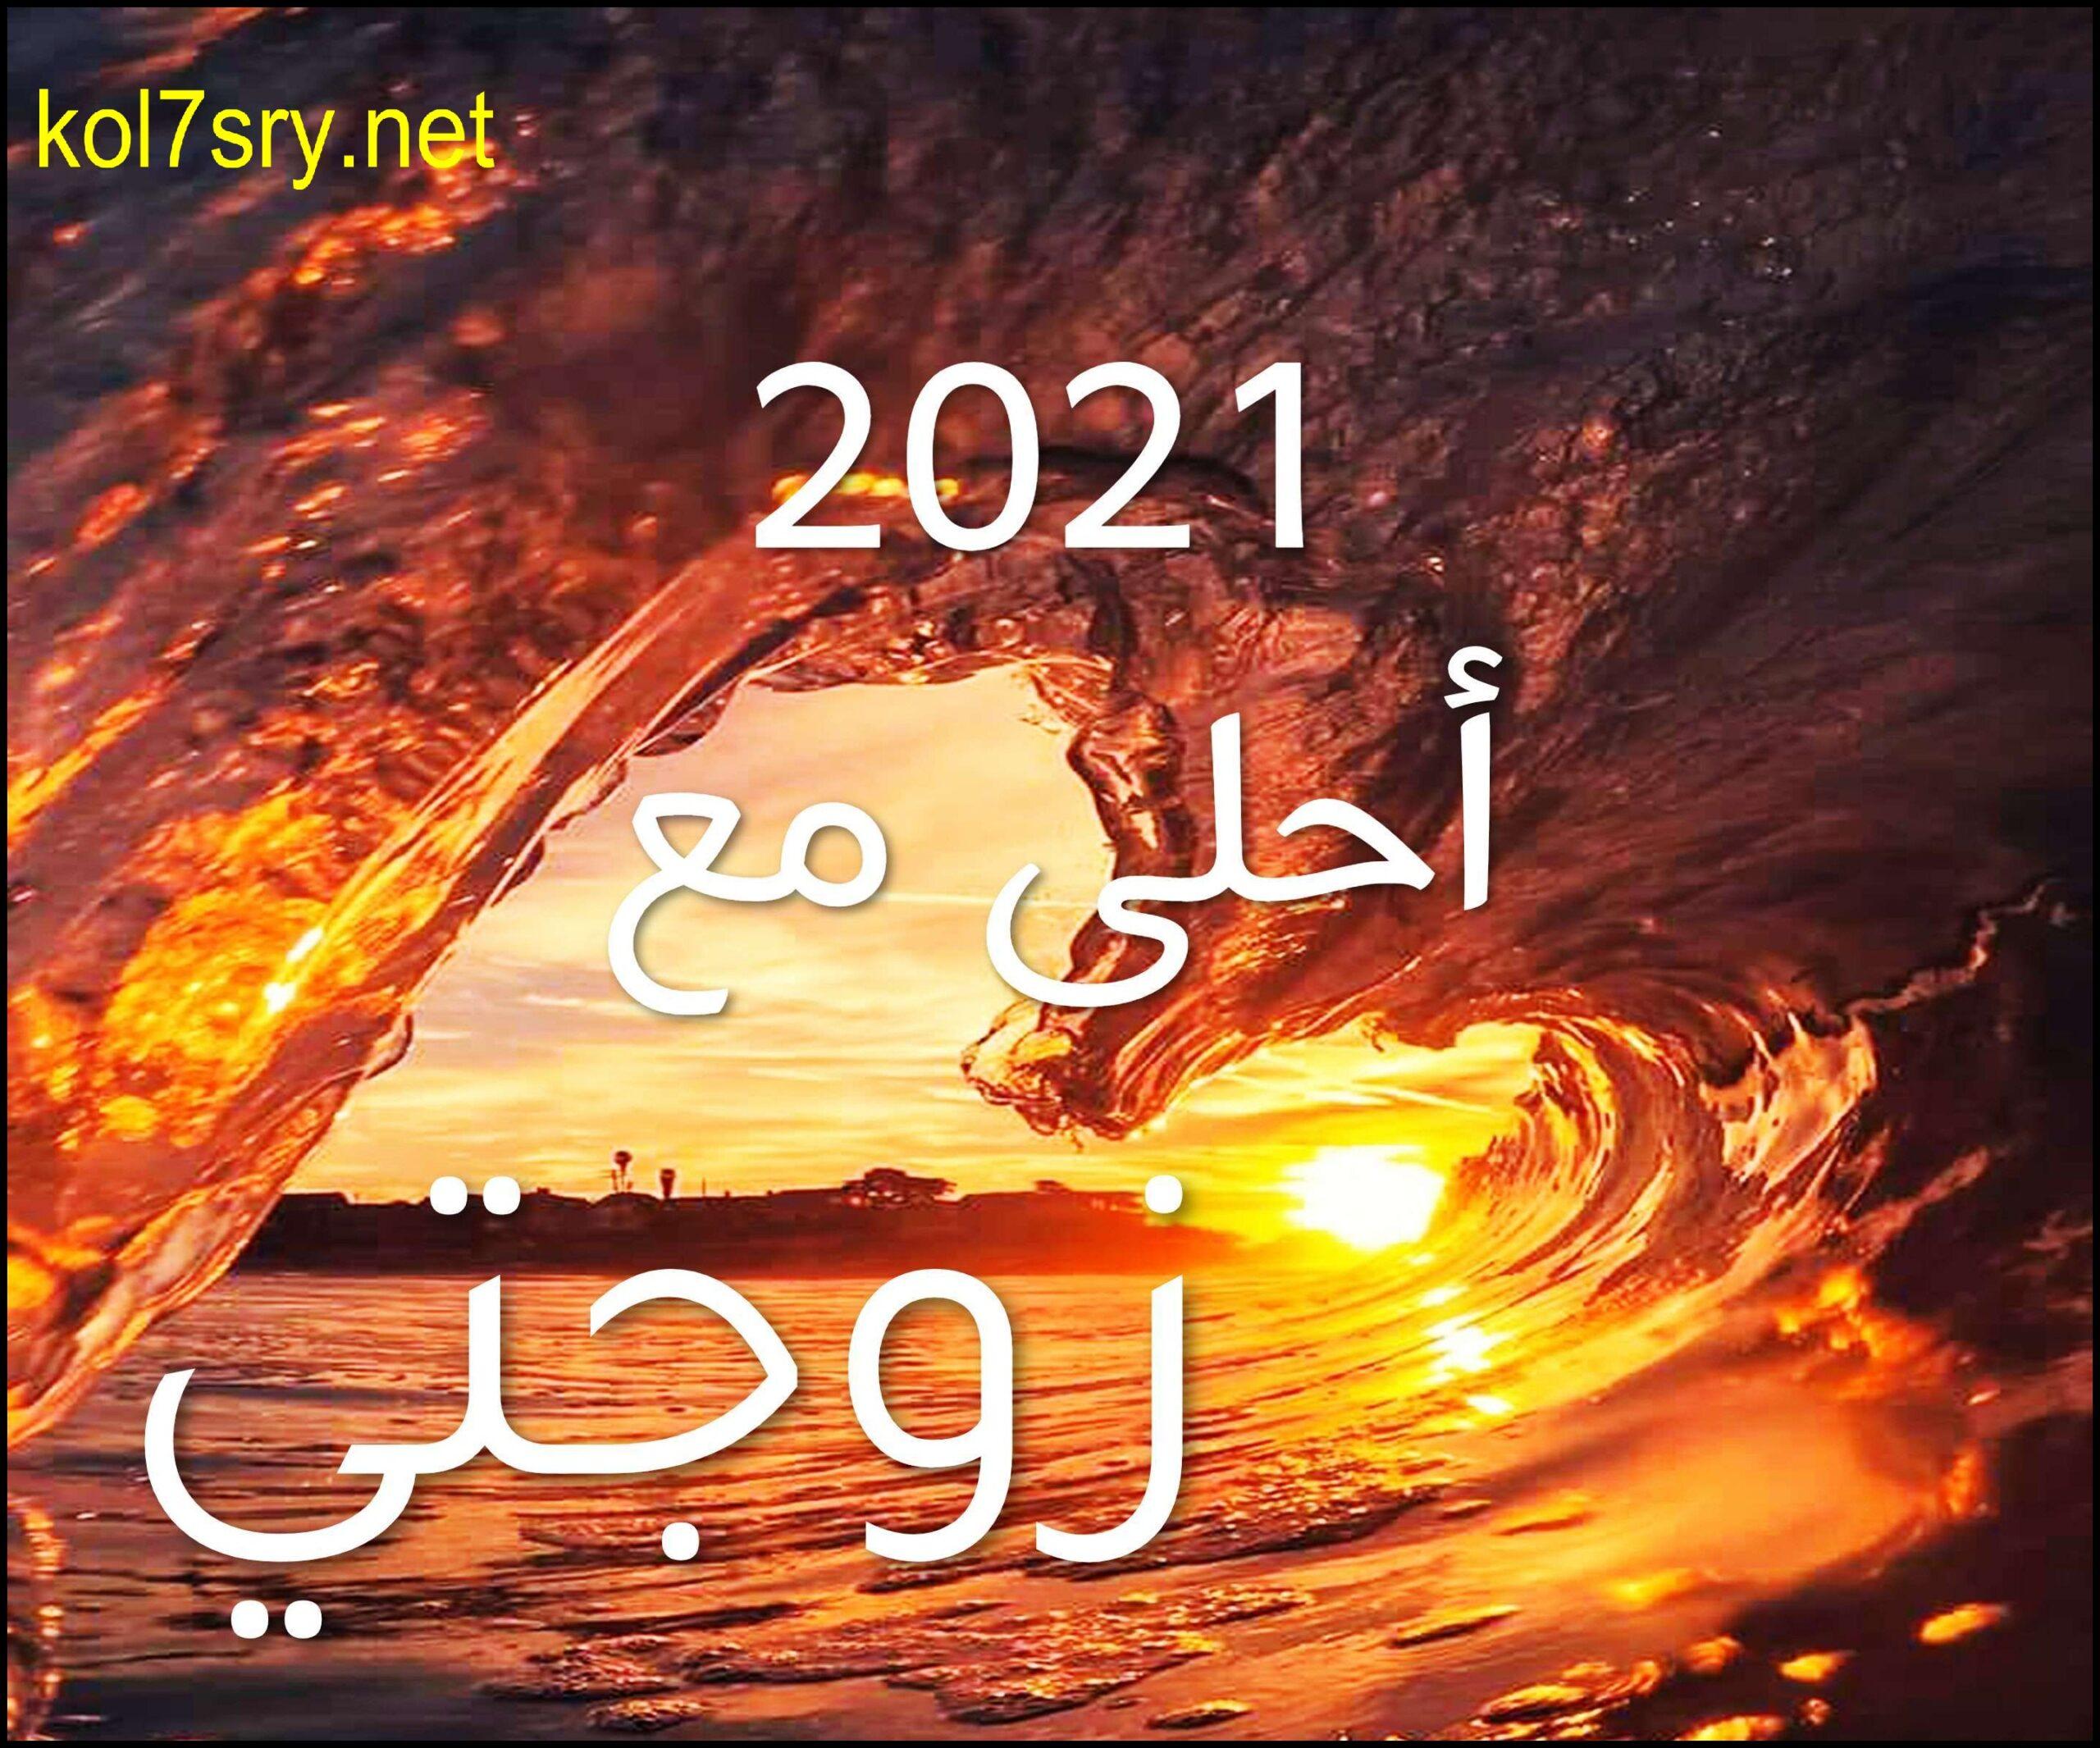 2021 أحلى مع اسمك أجمل 40 صورة HD لعام 2021 احلى مع مجانا اطلب التصميم بالتعليقات 1